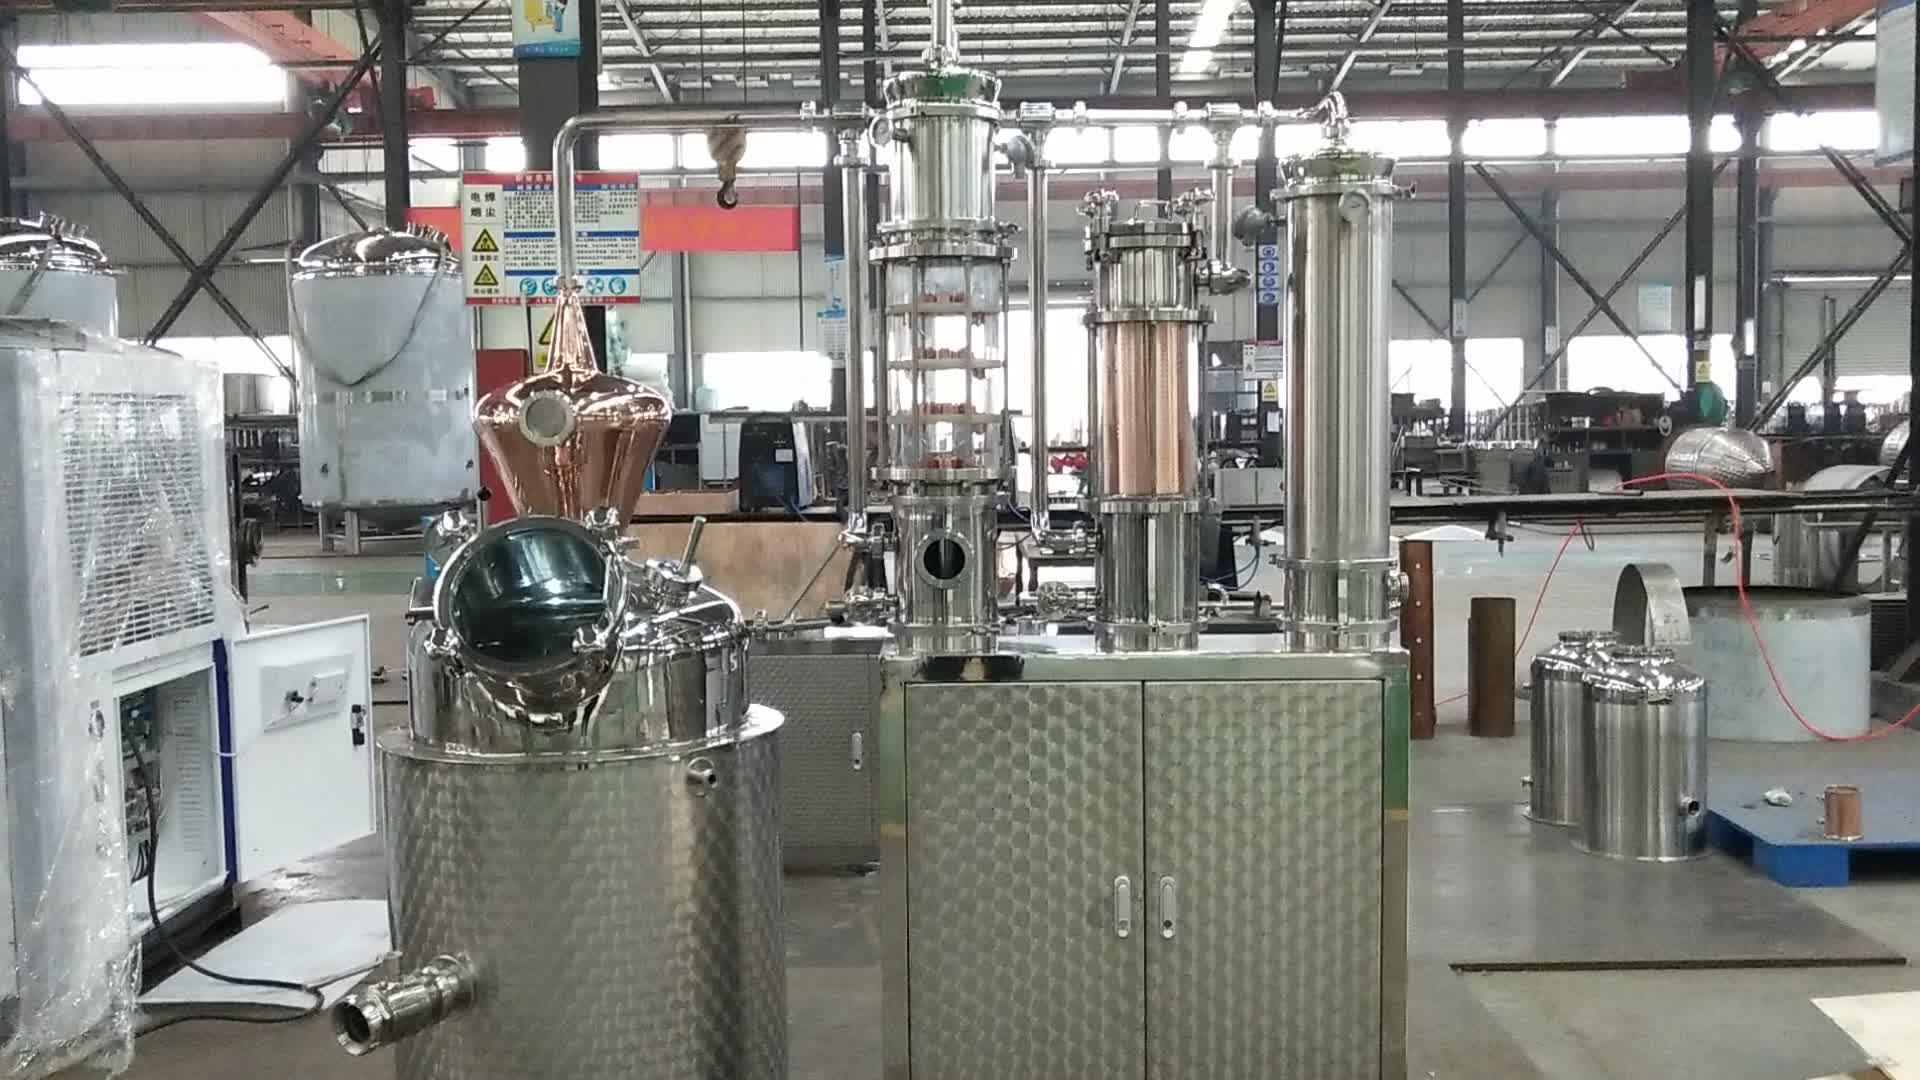 Nhà Máy Rượu Vang Giá Máy Làm Moonshine Vẫn Còn Rượu Distillery